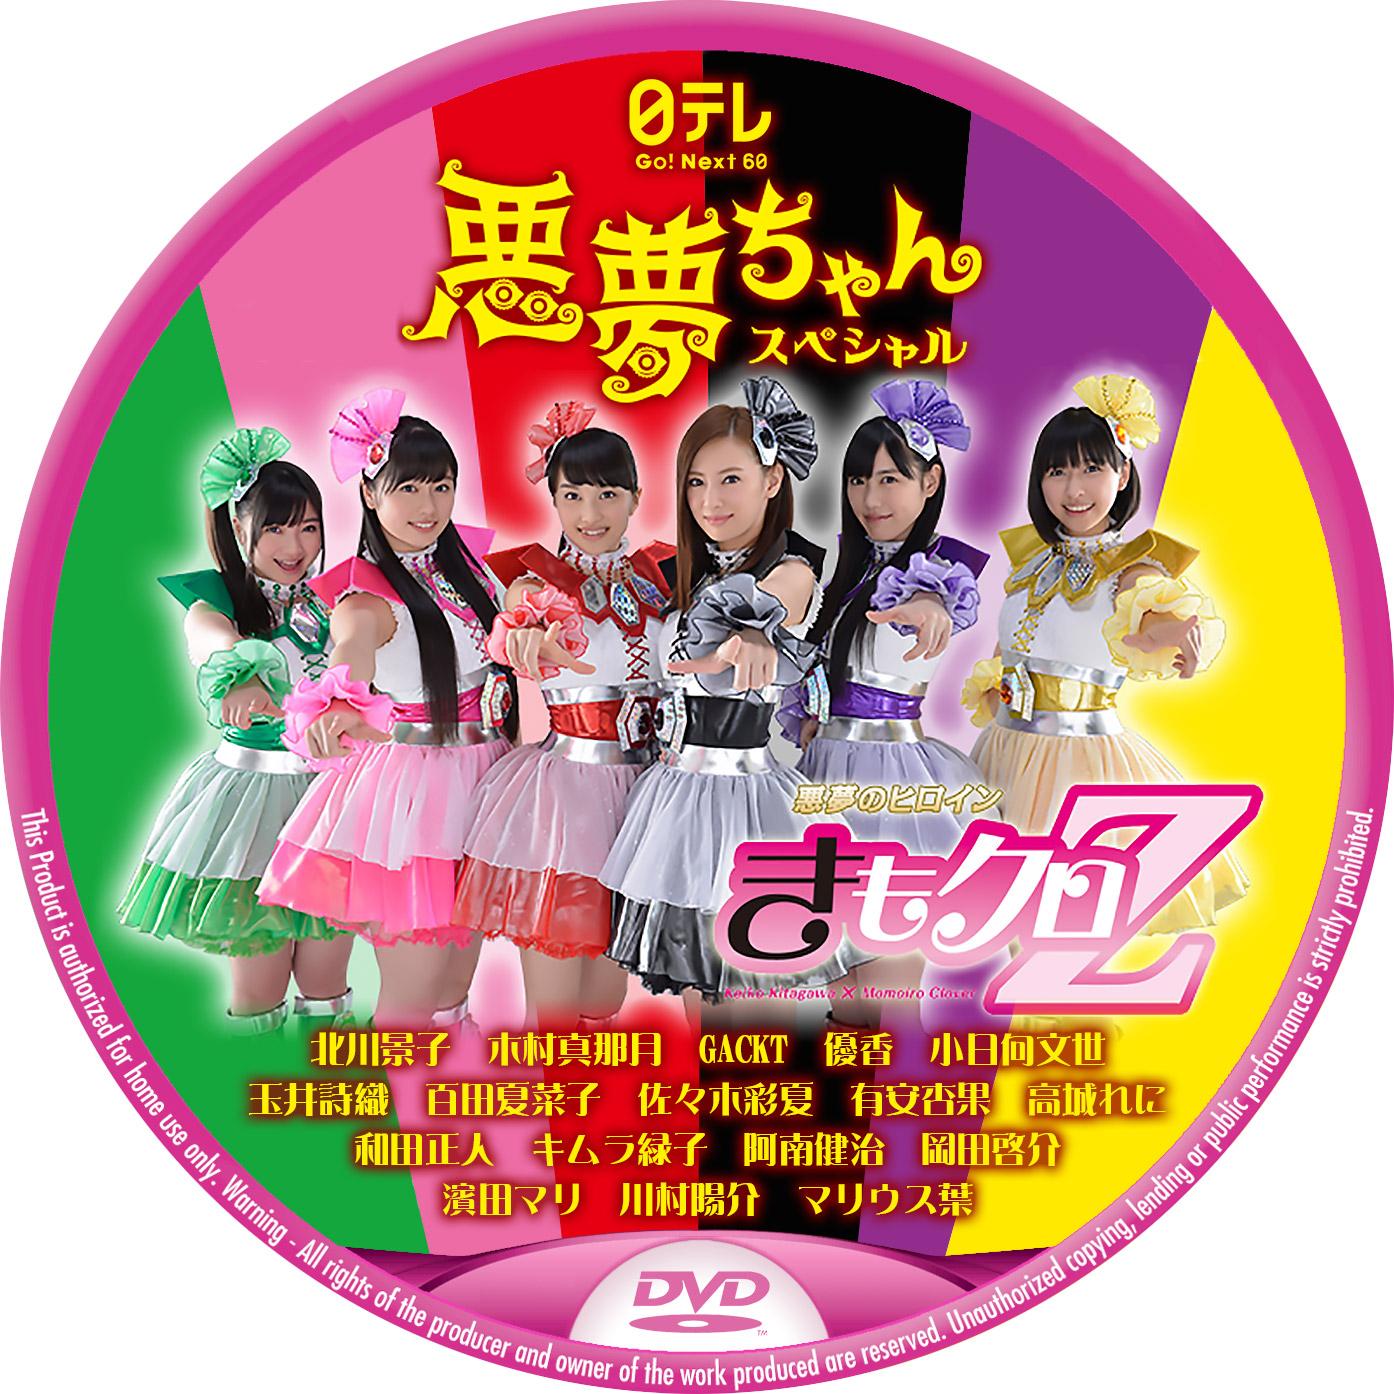 悪夢ちゃん きもクロZ DVDラベル